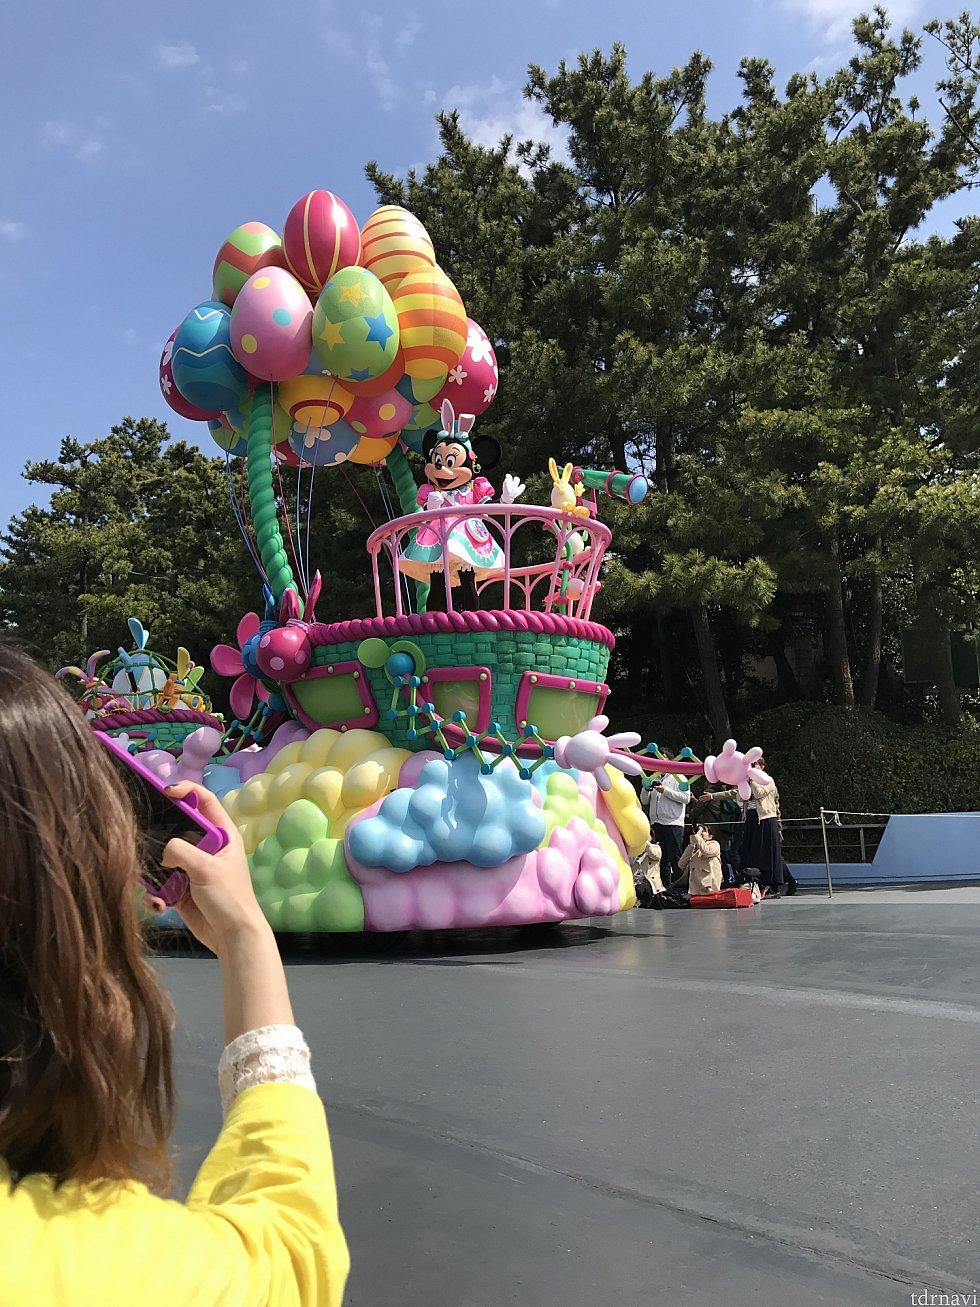 気球から探すミニーちゃん!